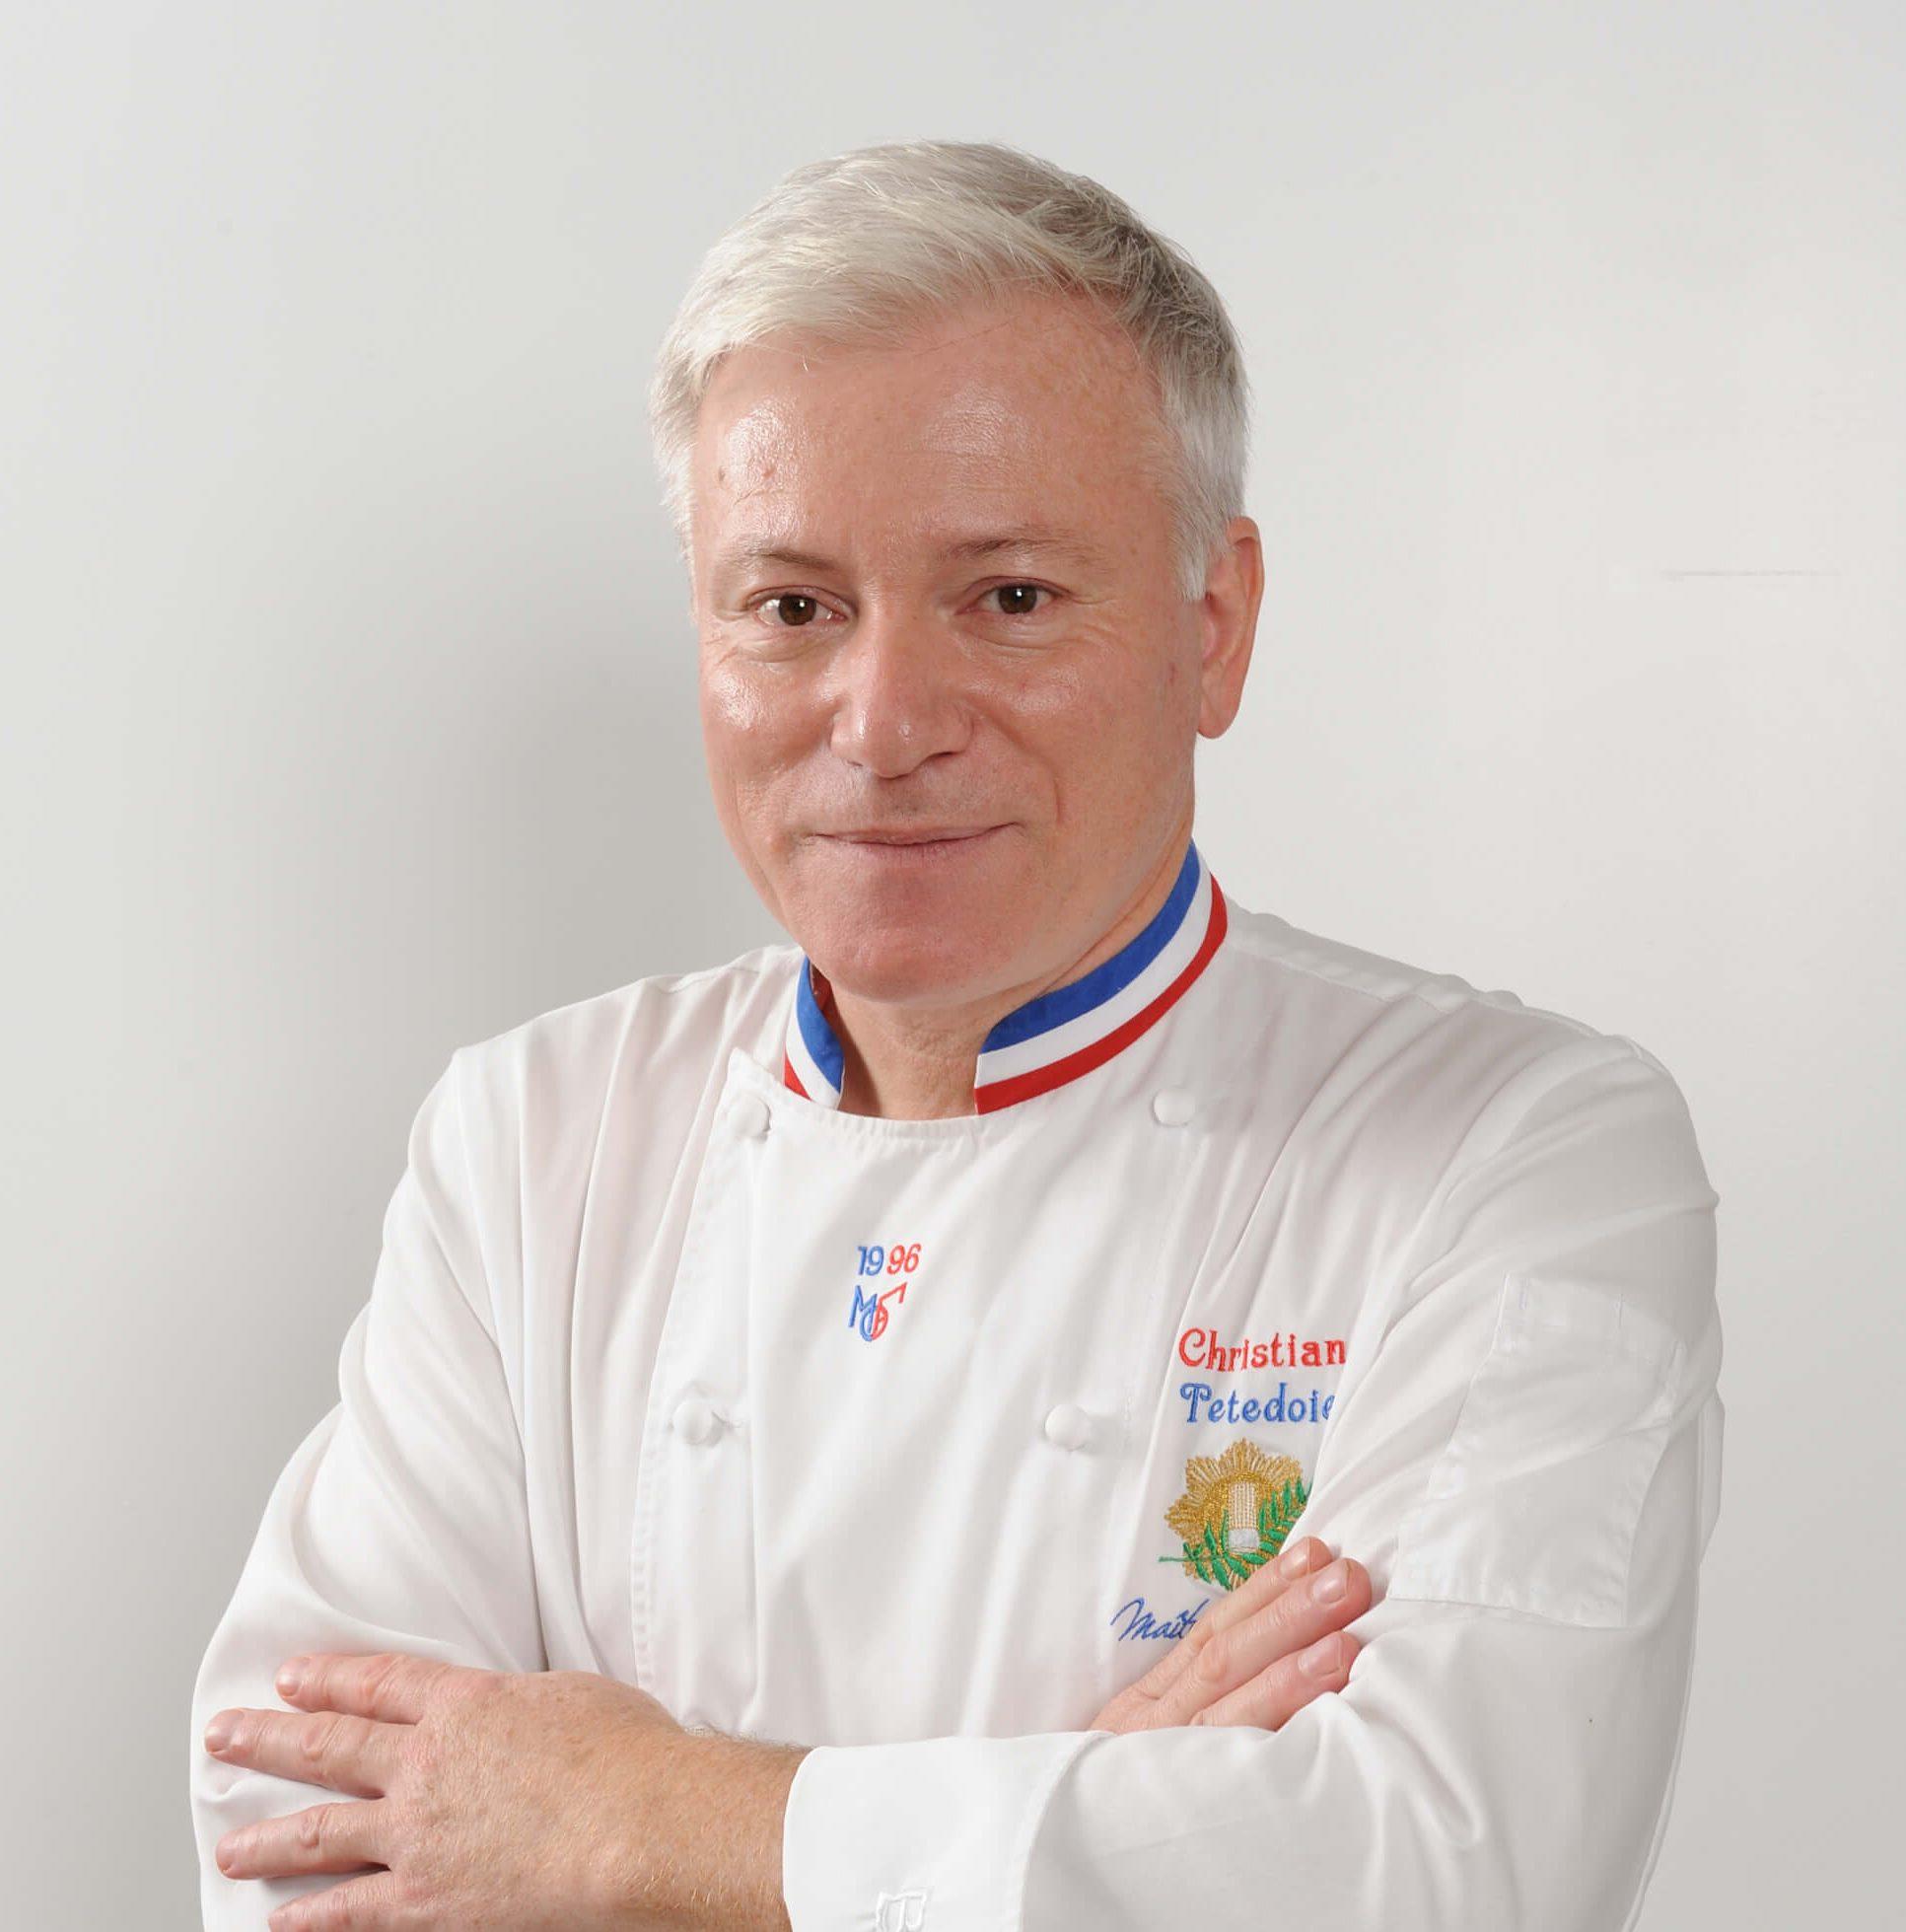 メートル・キュイジニエ・ド・フランス会長(MOF)